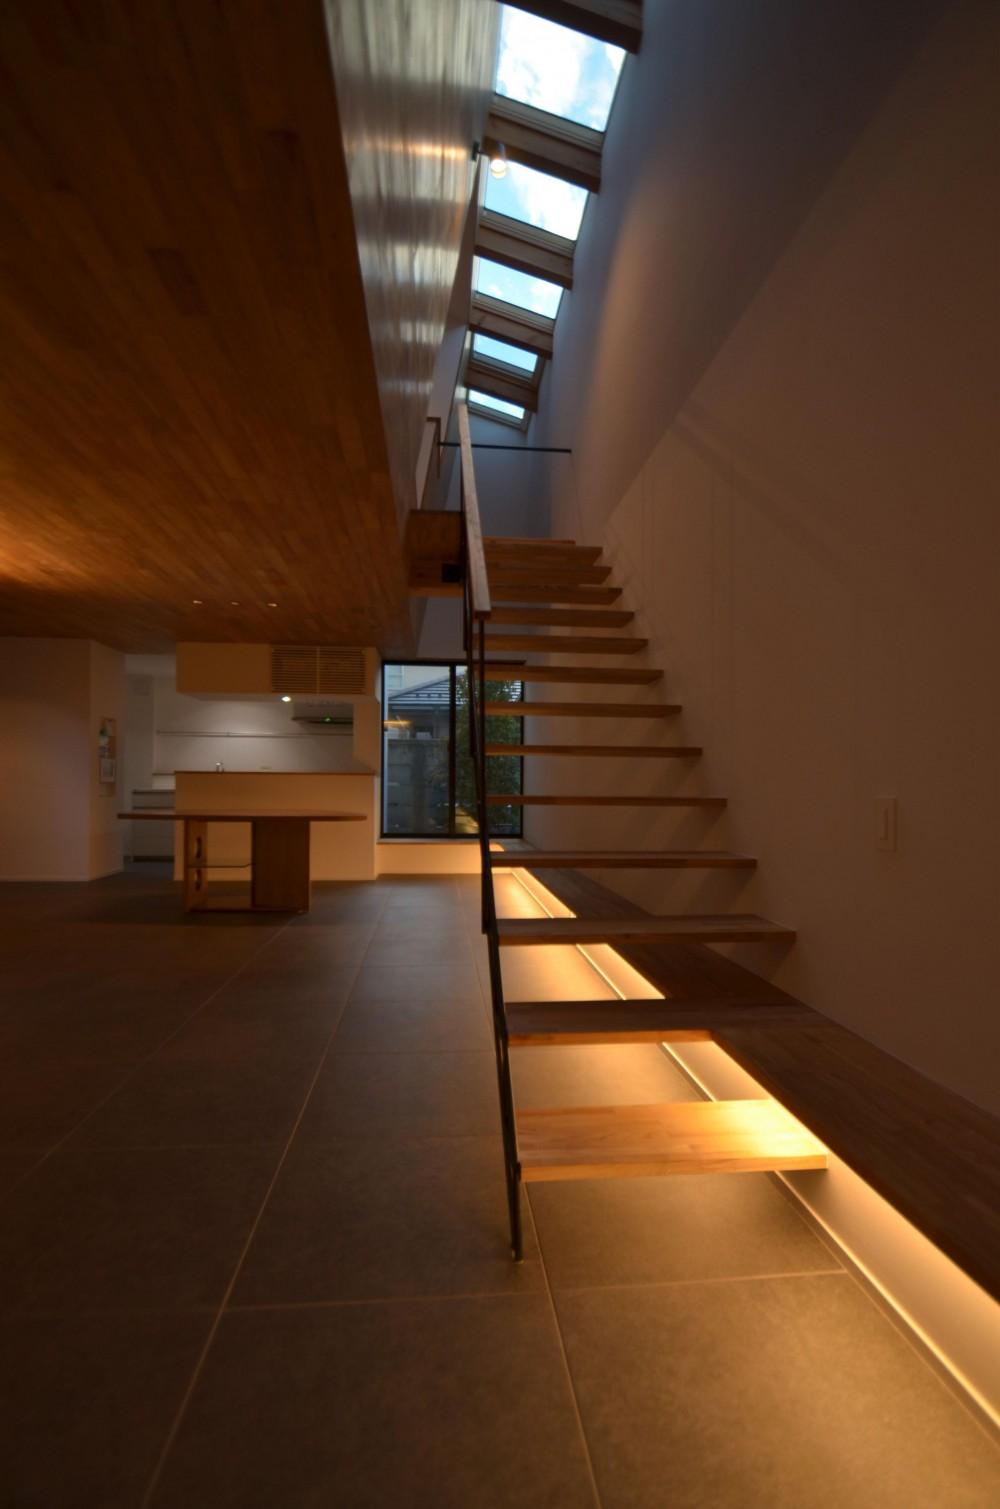 本天沼S邸-領域を明確にし、内外の連続性をつくりだす石壁- (階段と間接照明)